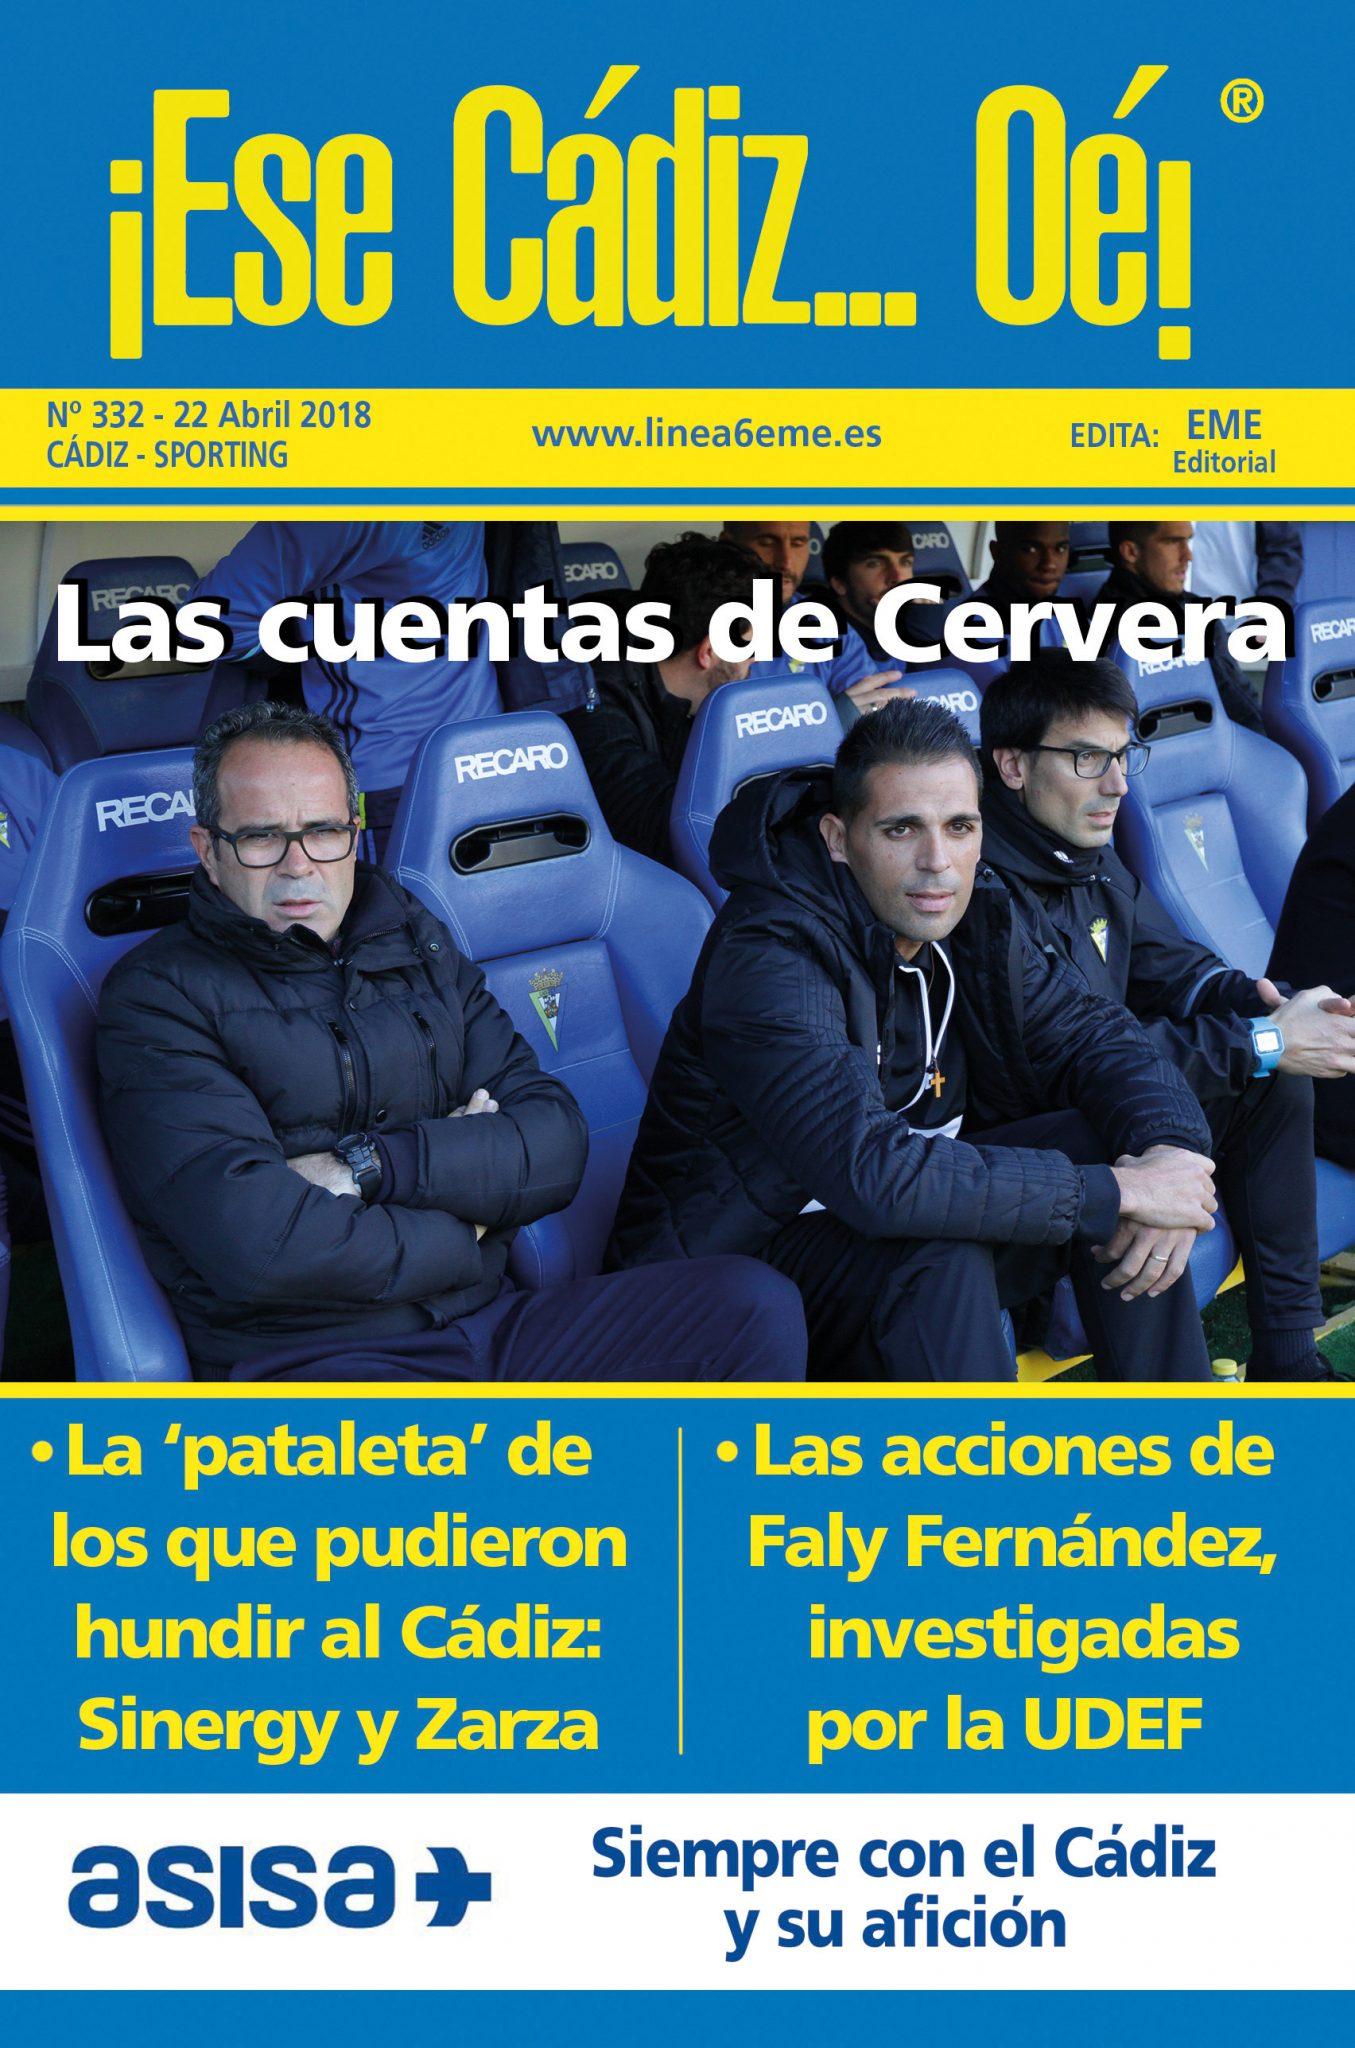 ¡Ese Cádiz…Oé! núm. 332 Temporada 2017/18